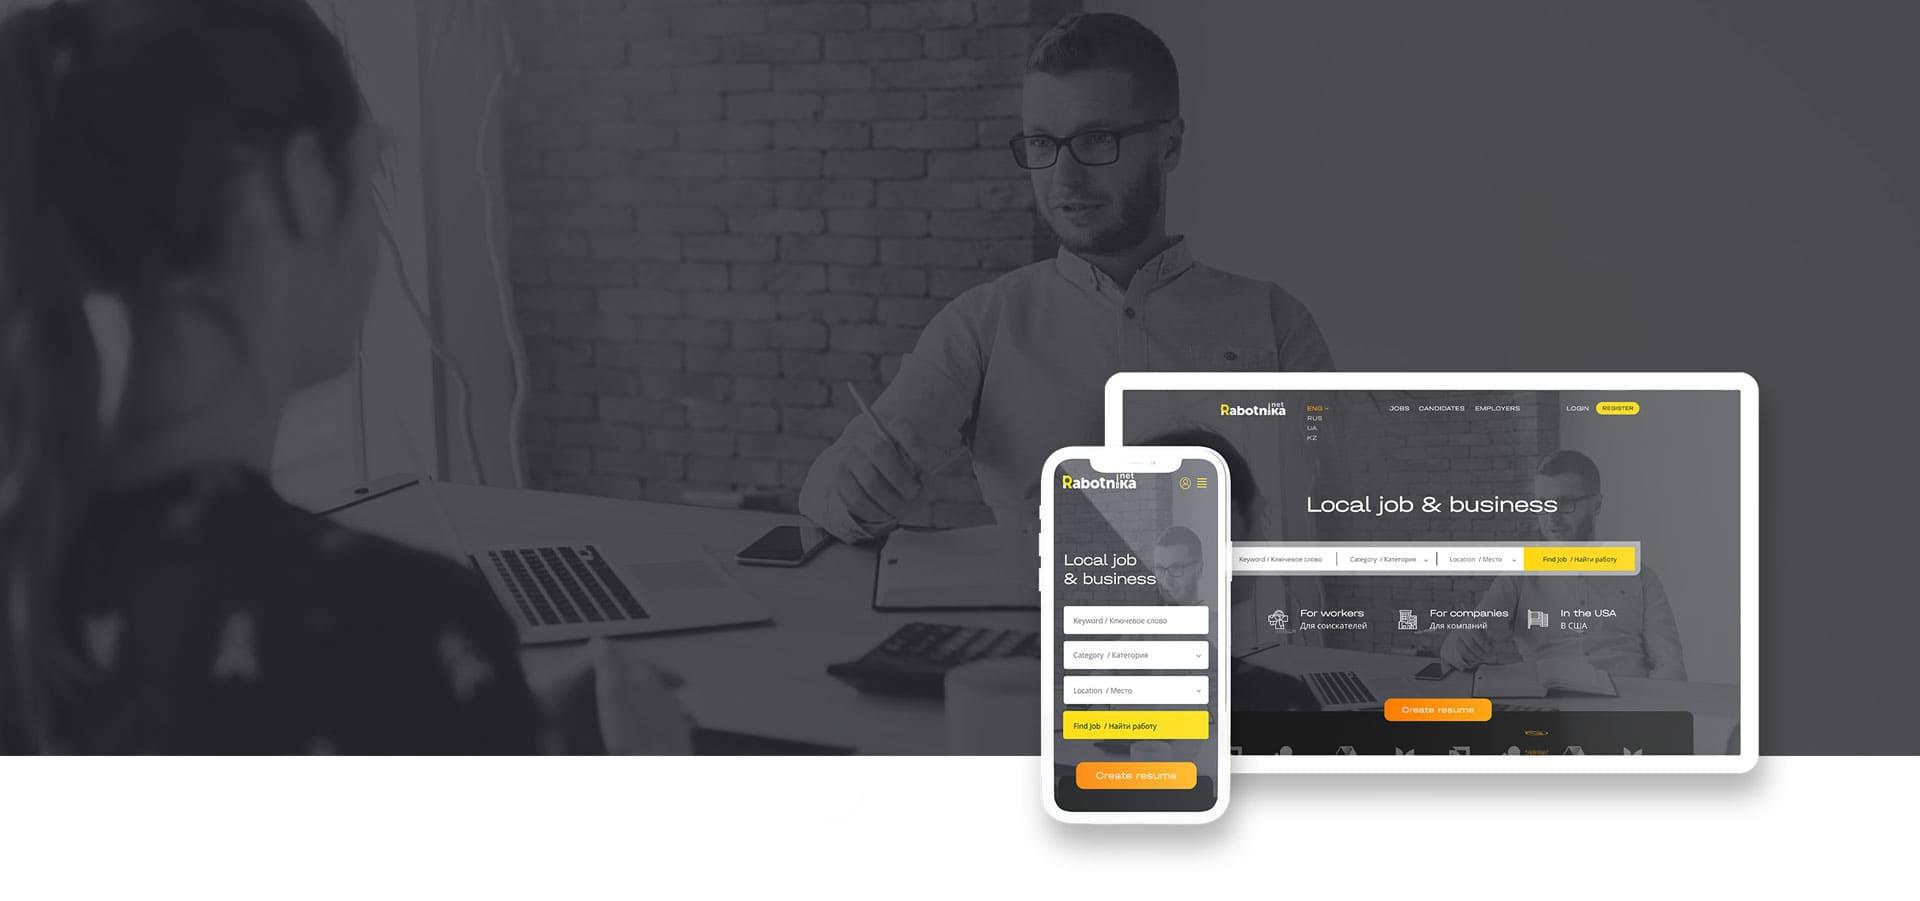 Дизайн сайта по поиску работы в США - работа в портфолио